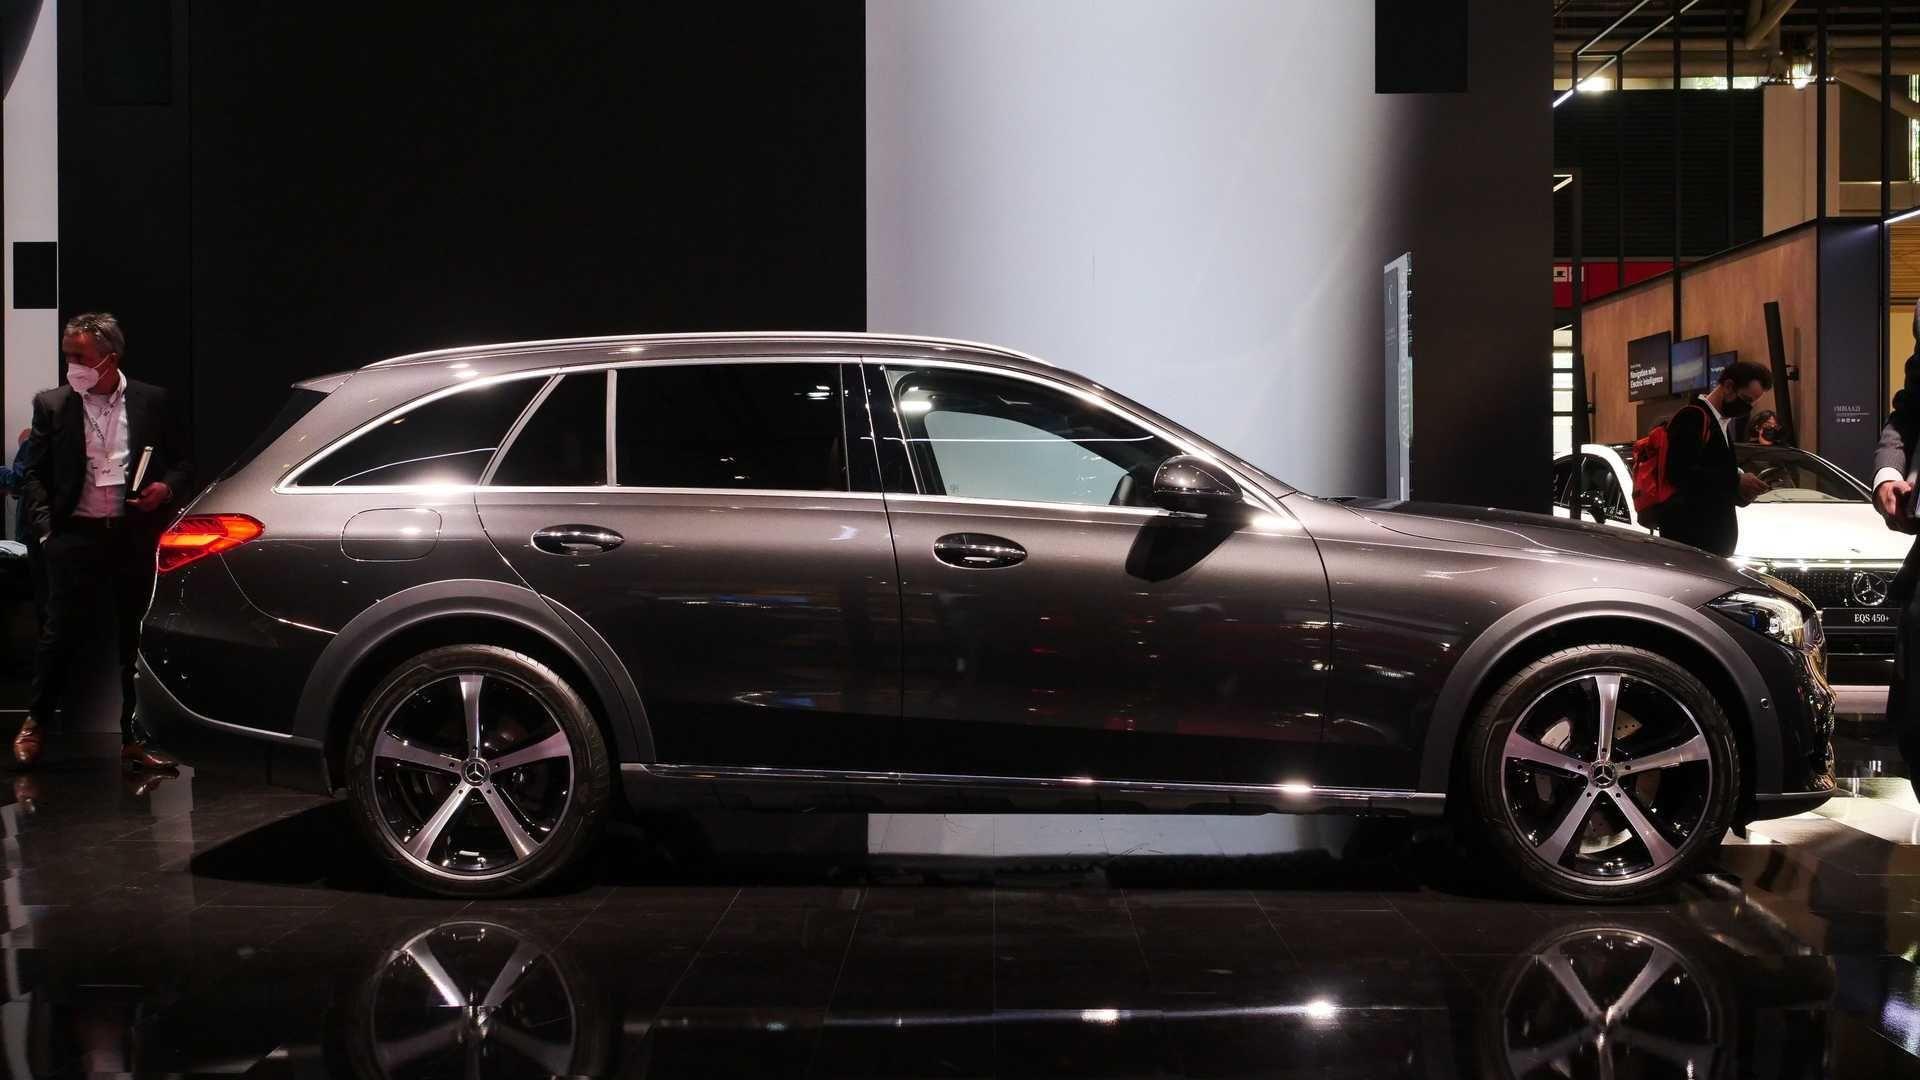 مرسدس بنز c کلاس ۲۰۲۲ در نمایشگاه مونیخ؛ خودرویی با قابلیت آفرود در ابعاد جمع و جور!